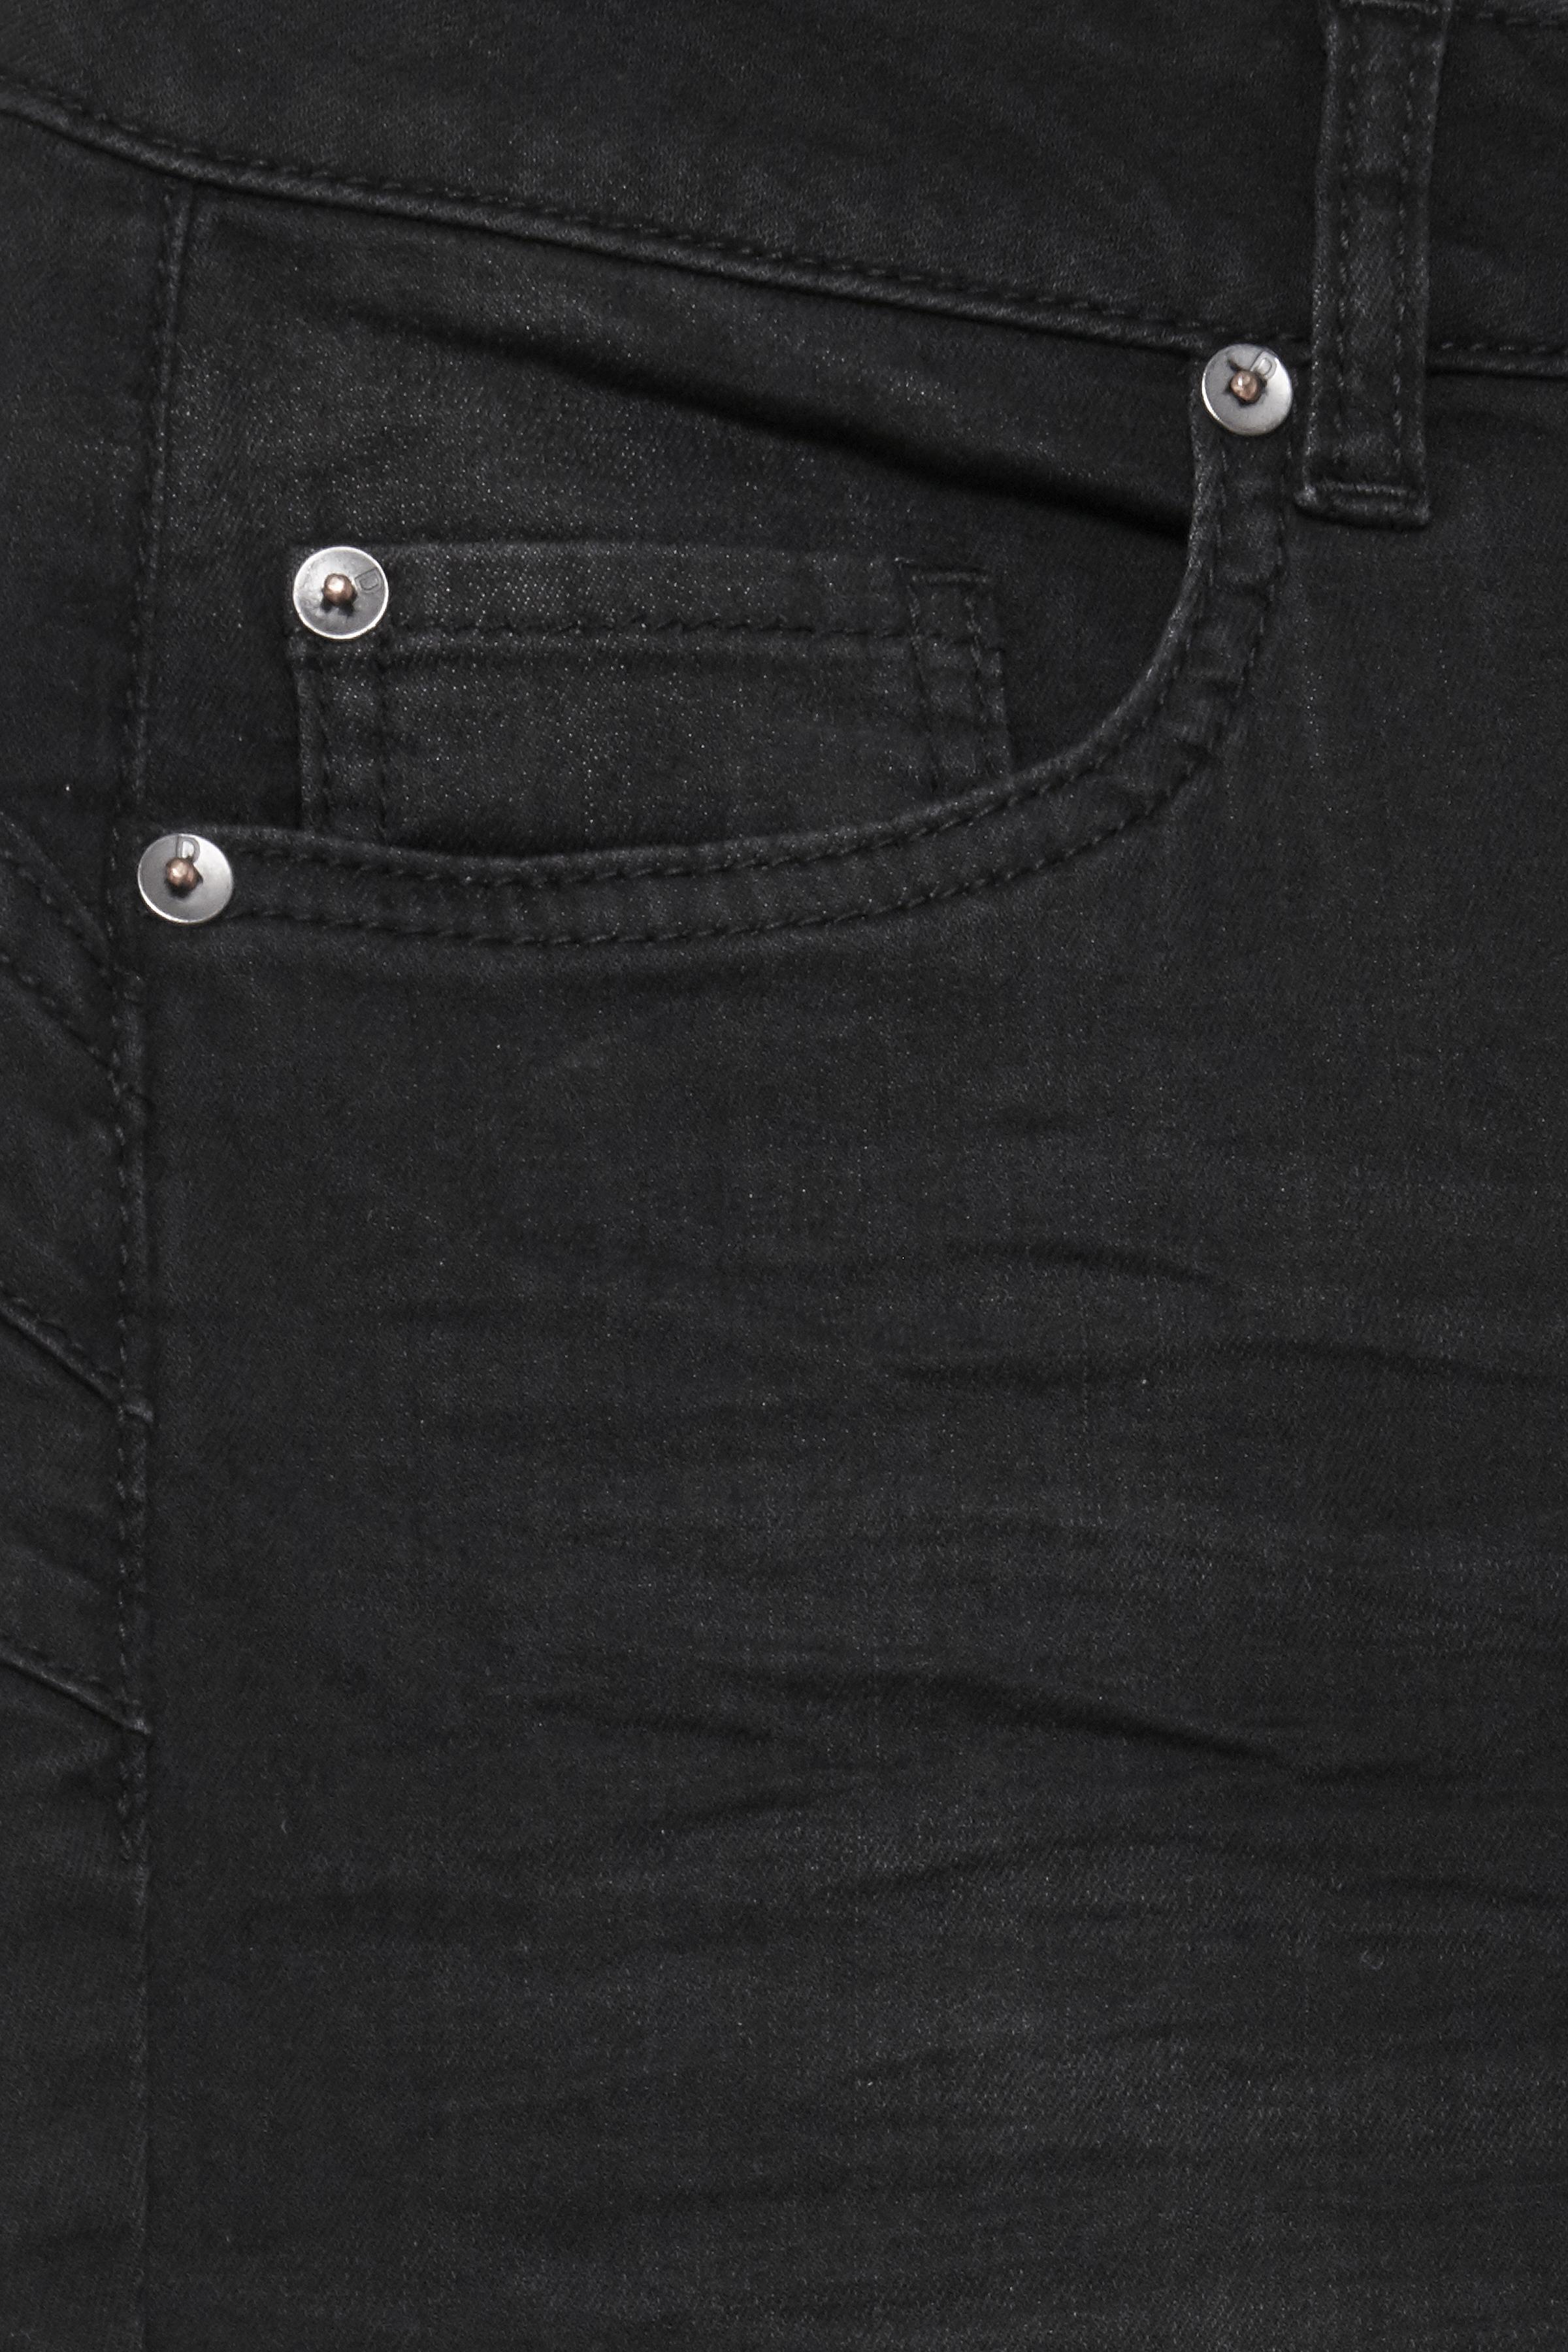 Zwart Jeans van Dranella – Door Zwart Jeans van maat. 32-46 hier